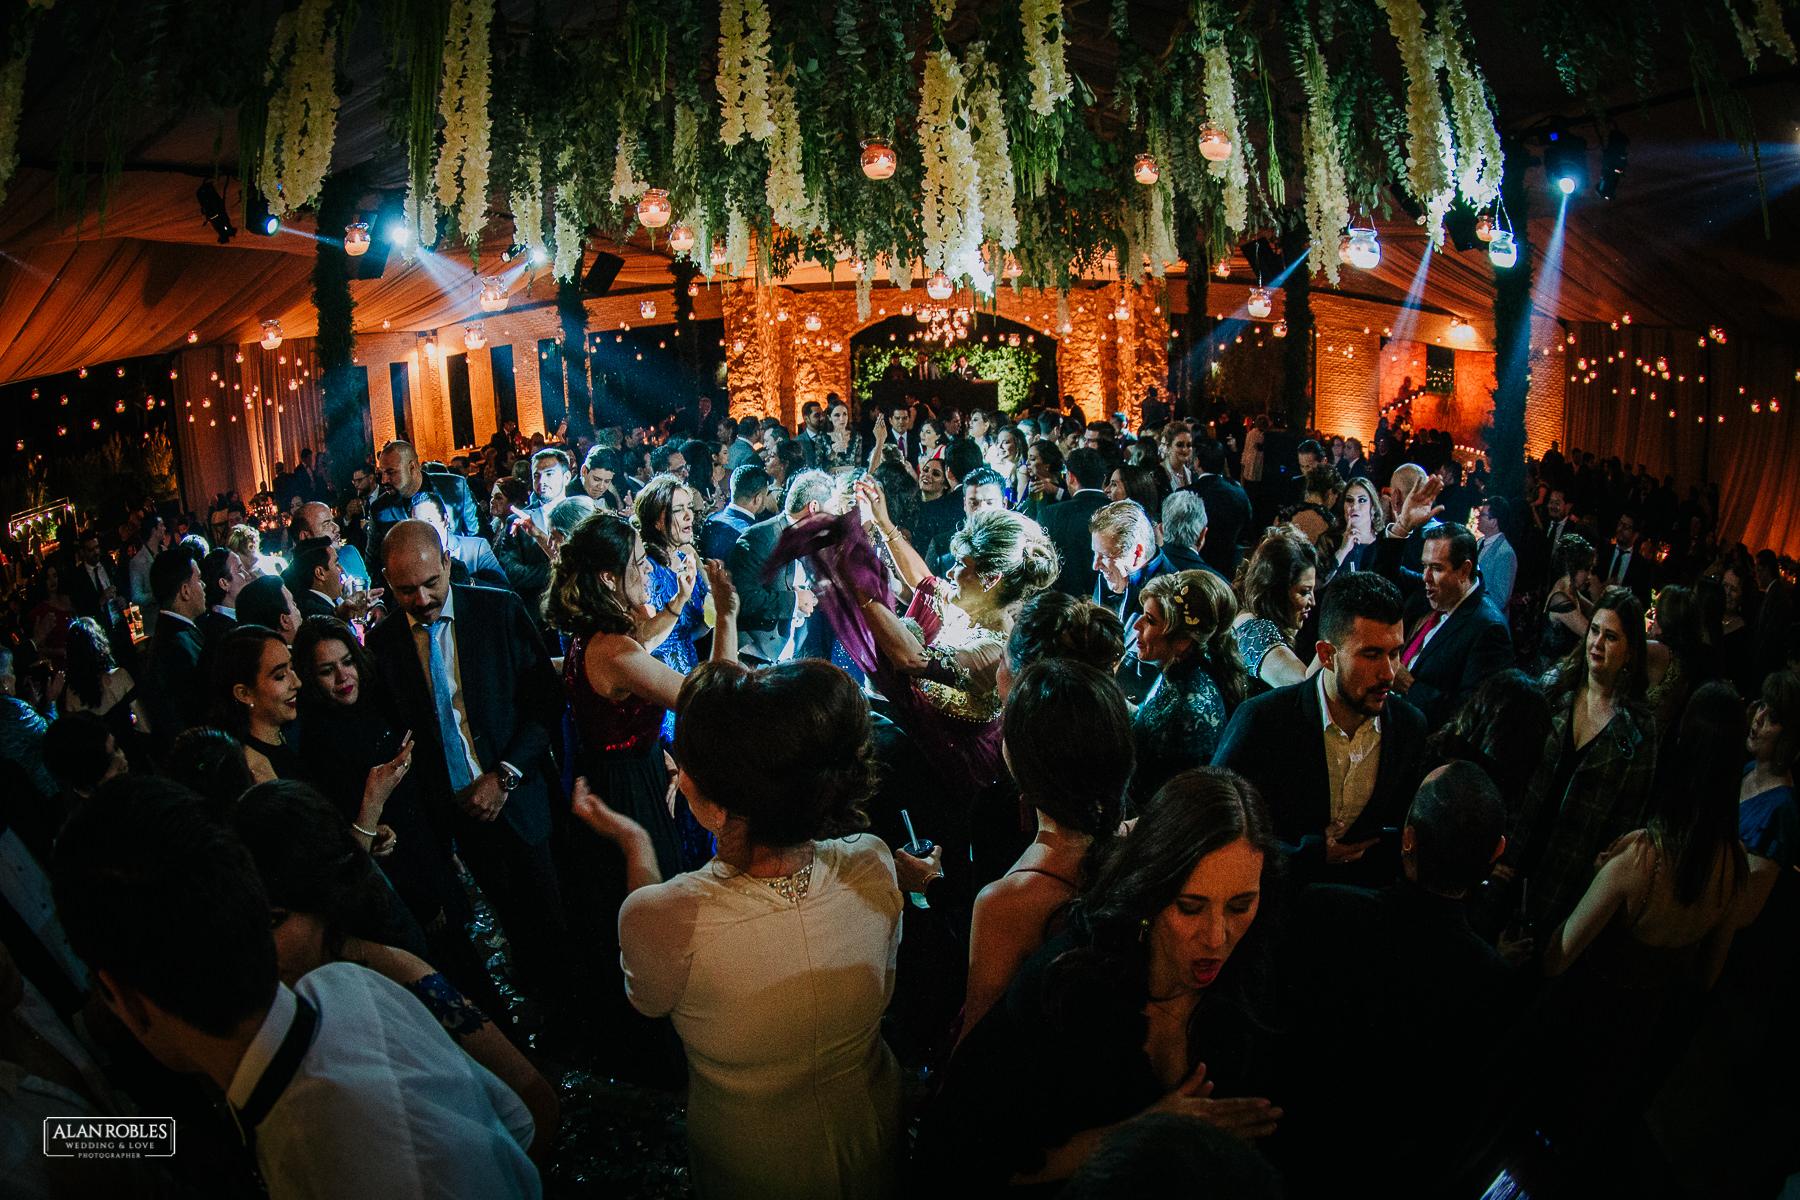 Fotografo de bodas Alan Robles-Casa Clementina Guadalajara DyA-70